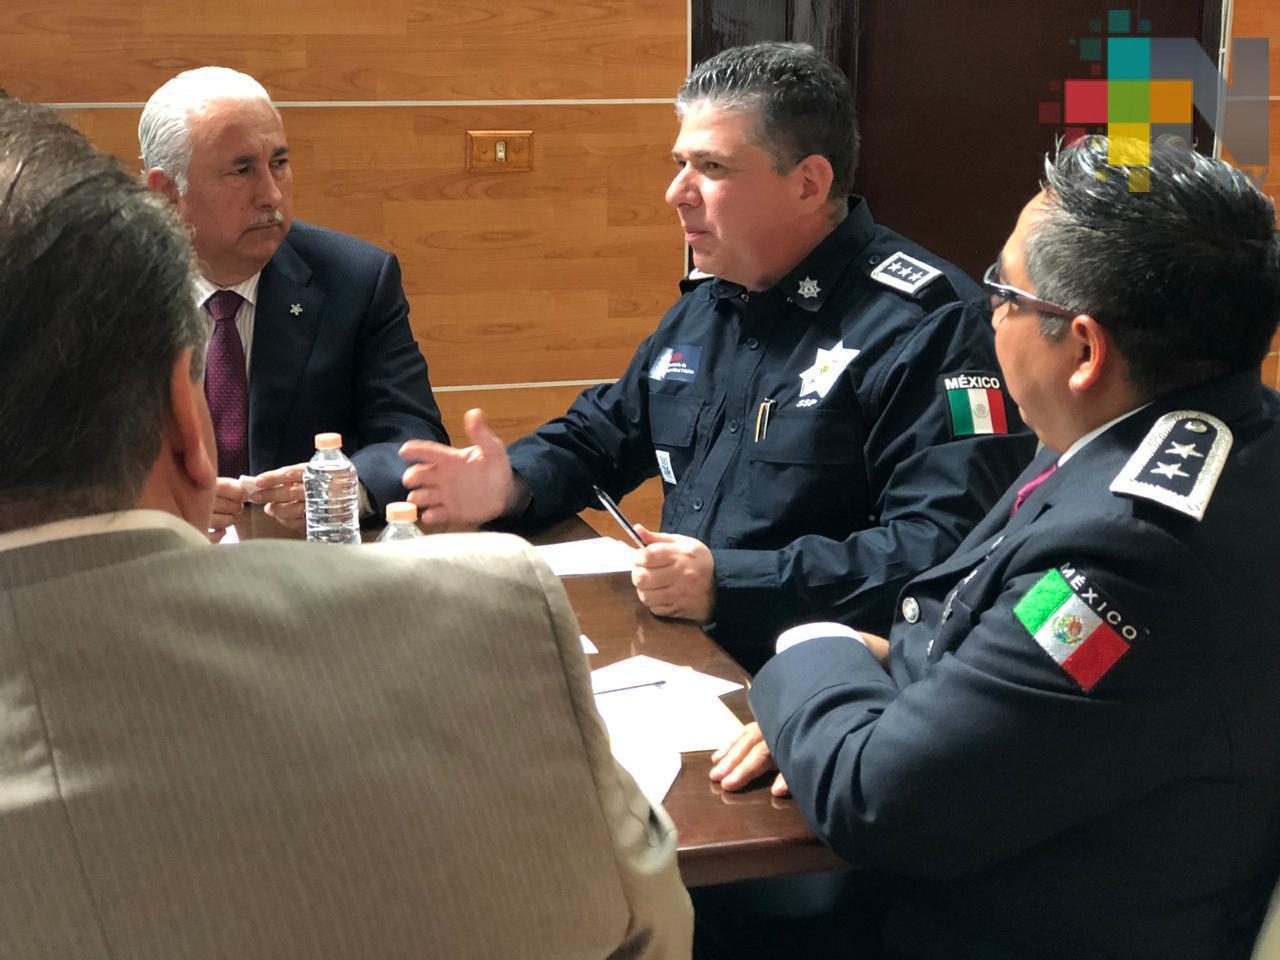 Seguiremos luchando hasta devolverle la paz a Veracruz: Secretario de Seguridad Pública